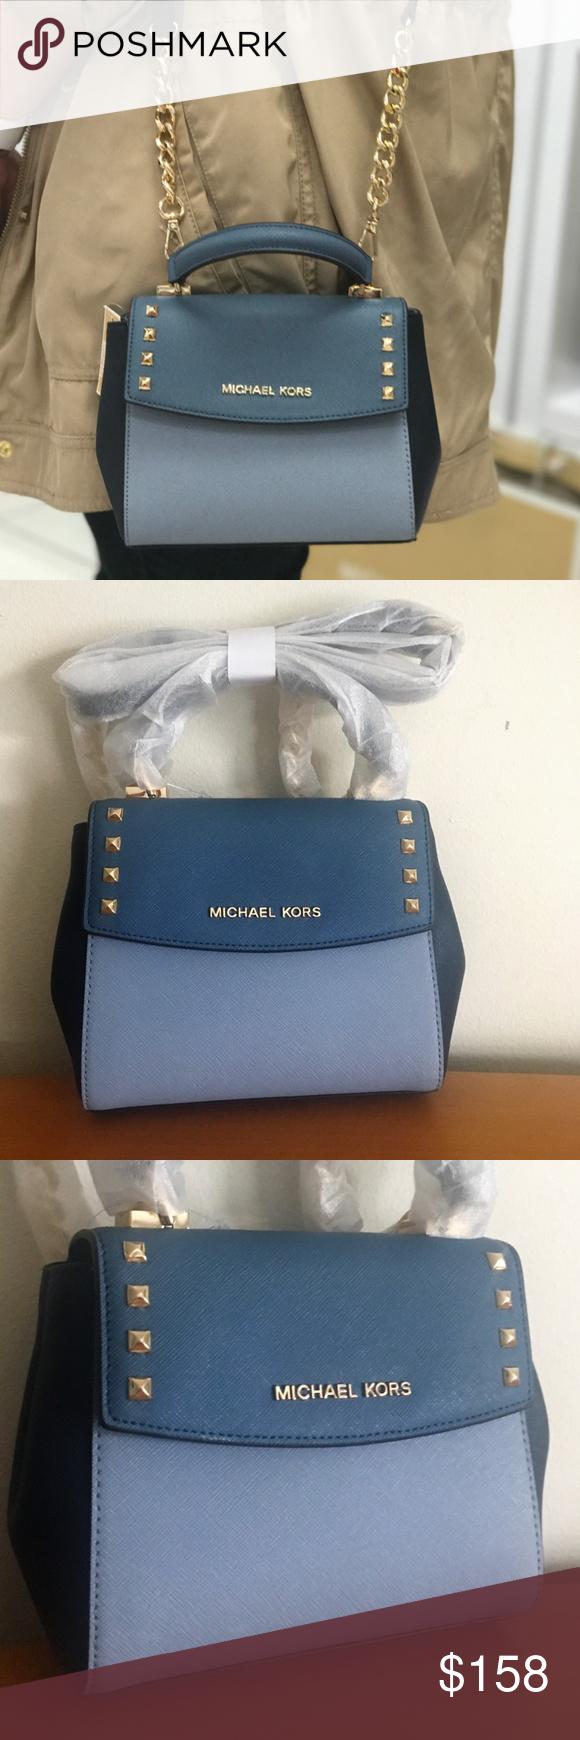 dabd6e5e3d65 Michael Kors Karla Mini Convertible Bag ~ Blues This Karla Mini Bag is a  fabulous colorblock